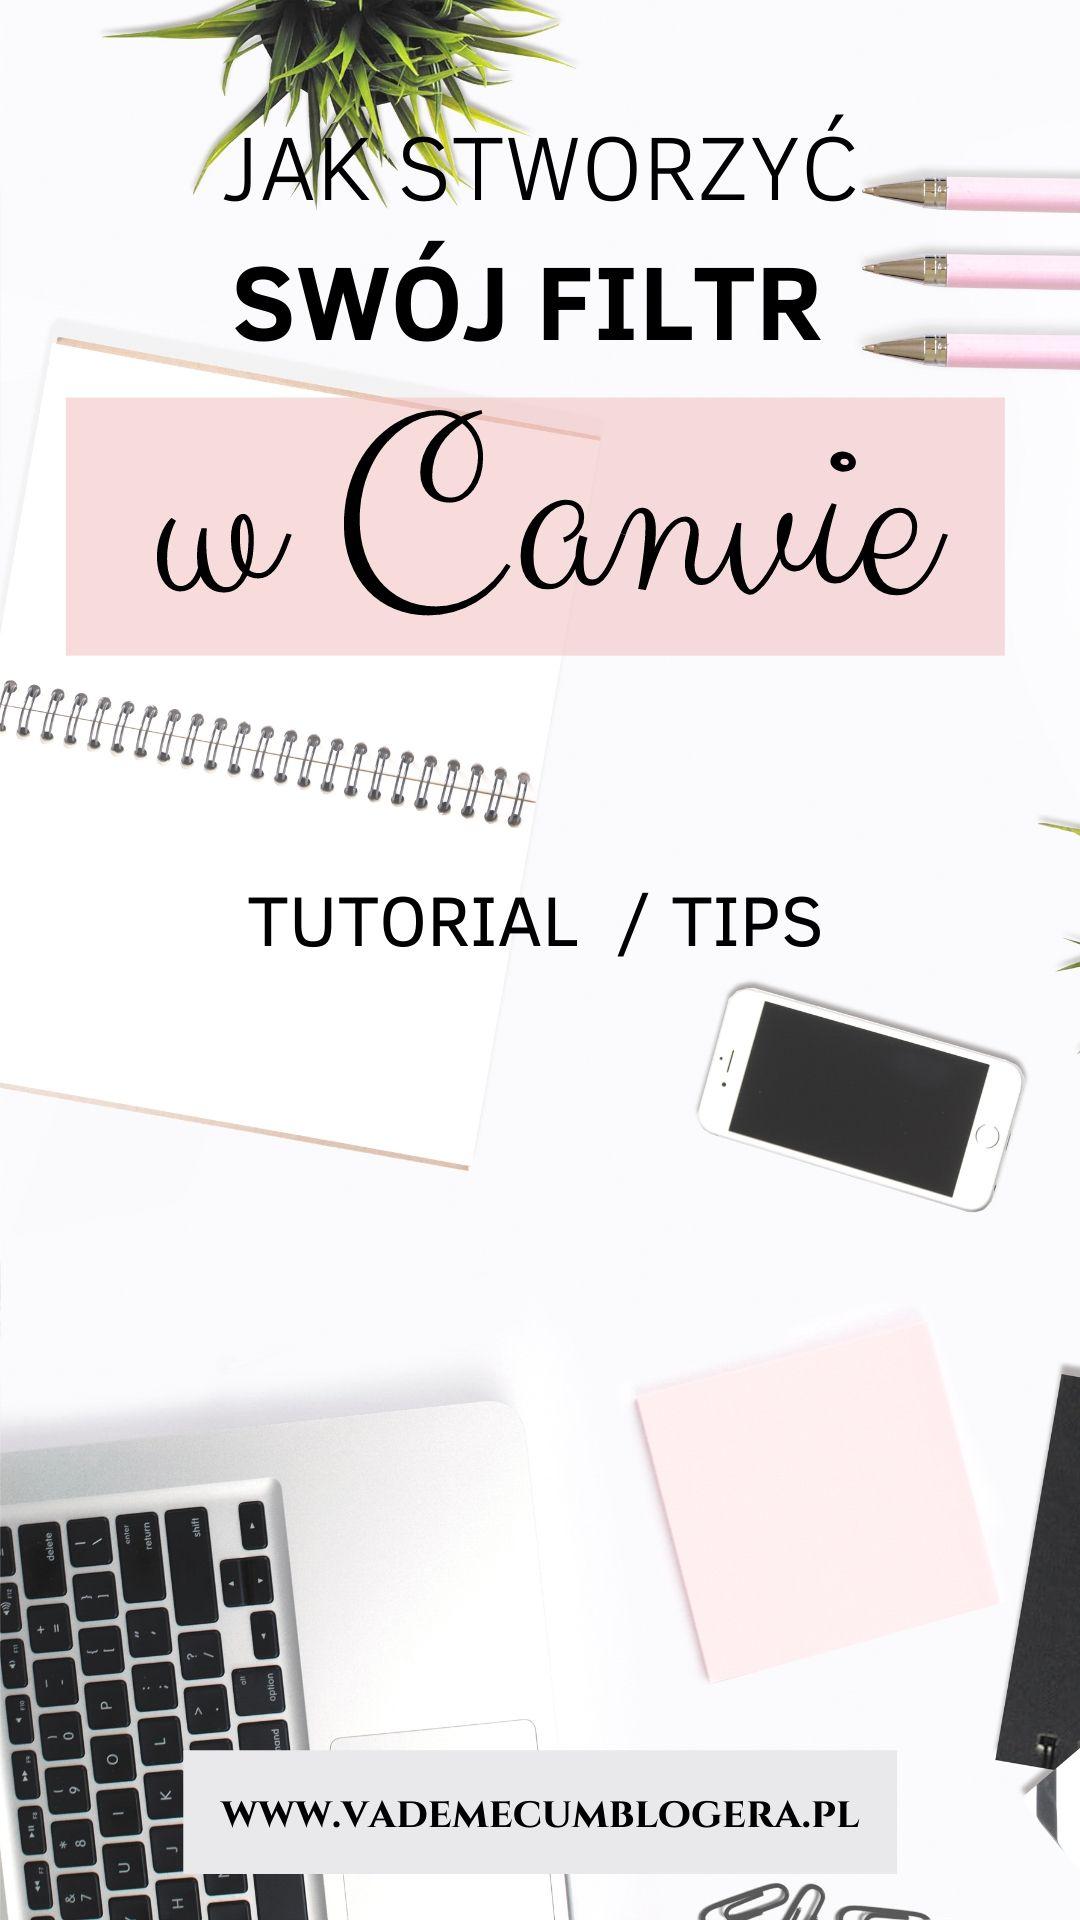 Jak stworzyć swój filtr / preset w Canvie?